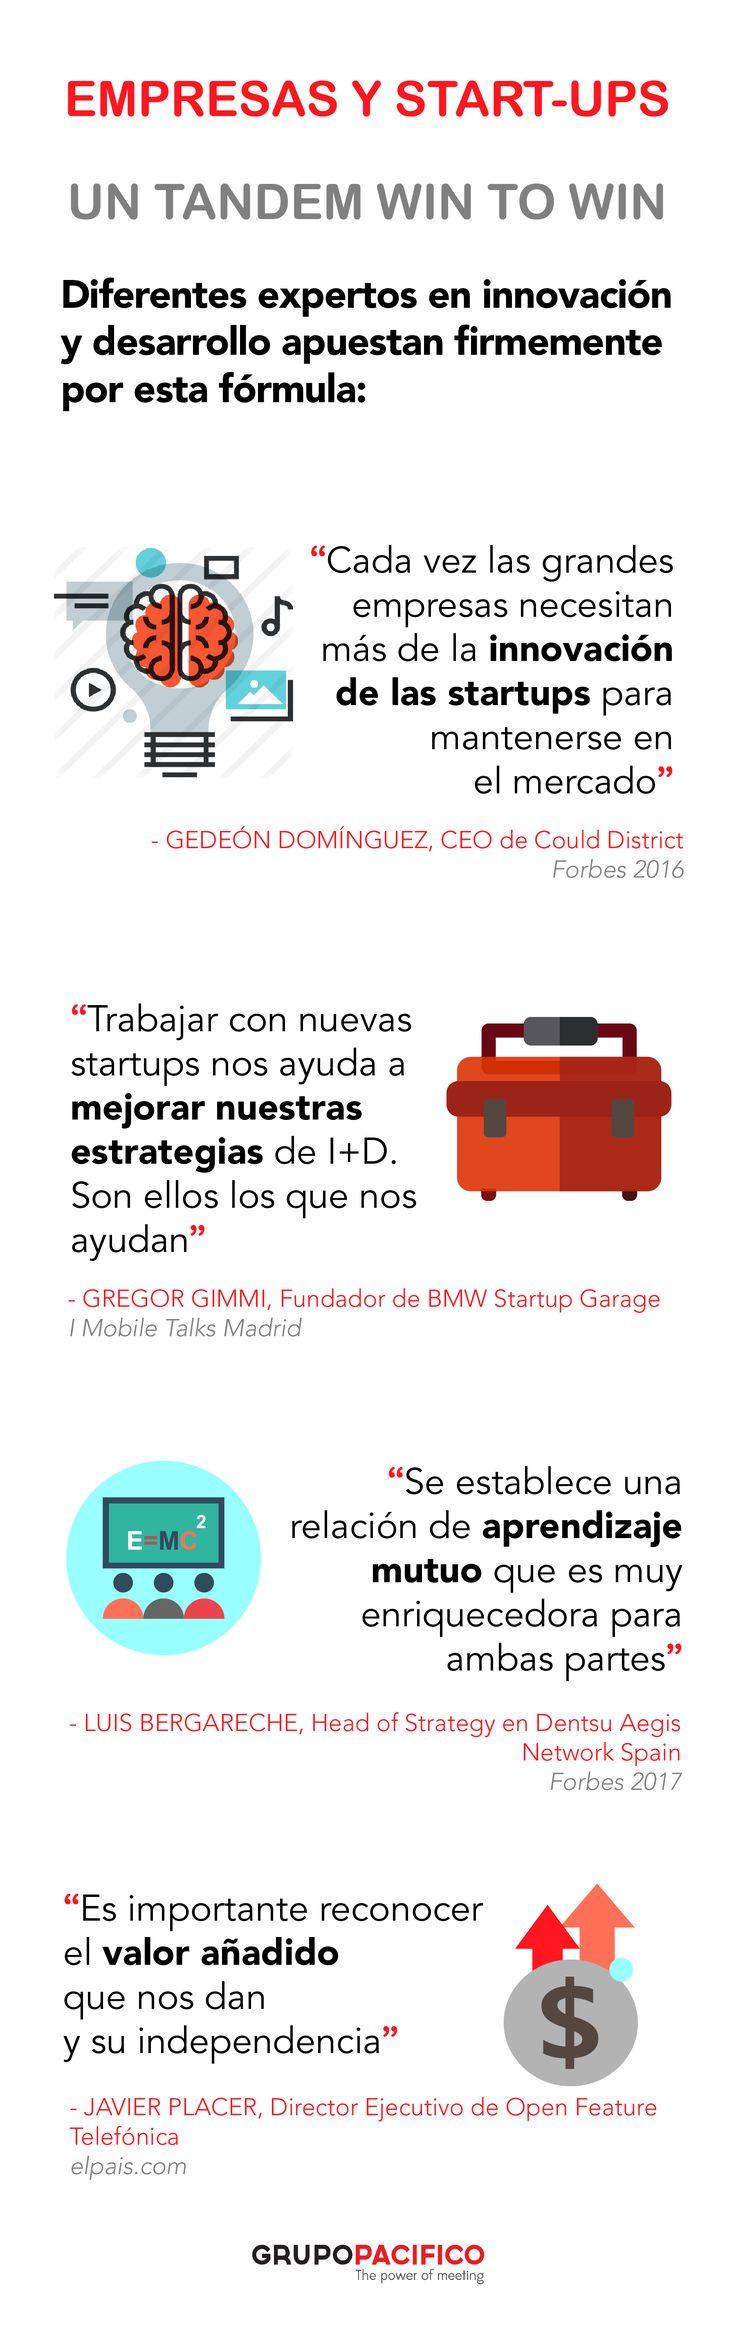 En GP creemos que las grandes empresas podemos (y debemos) aprender innovación, inmediatez y digitalización de las start-ups #infografía